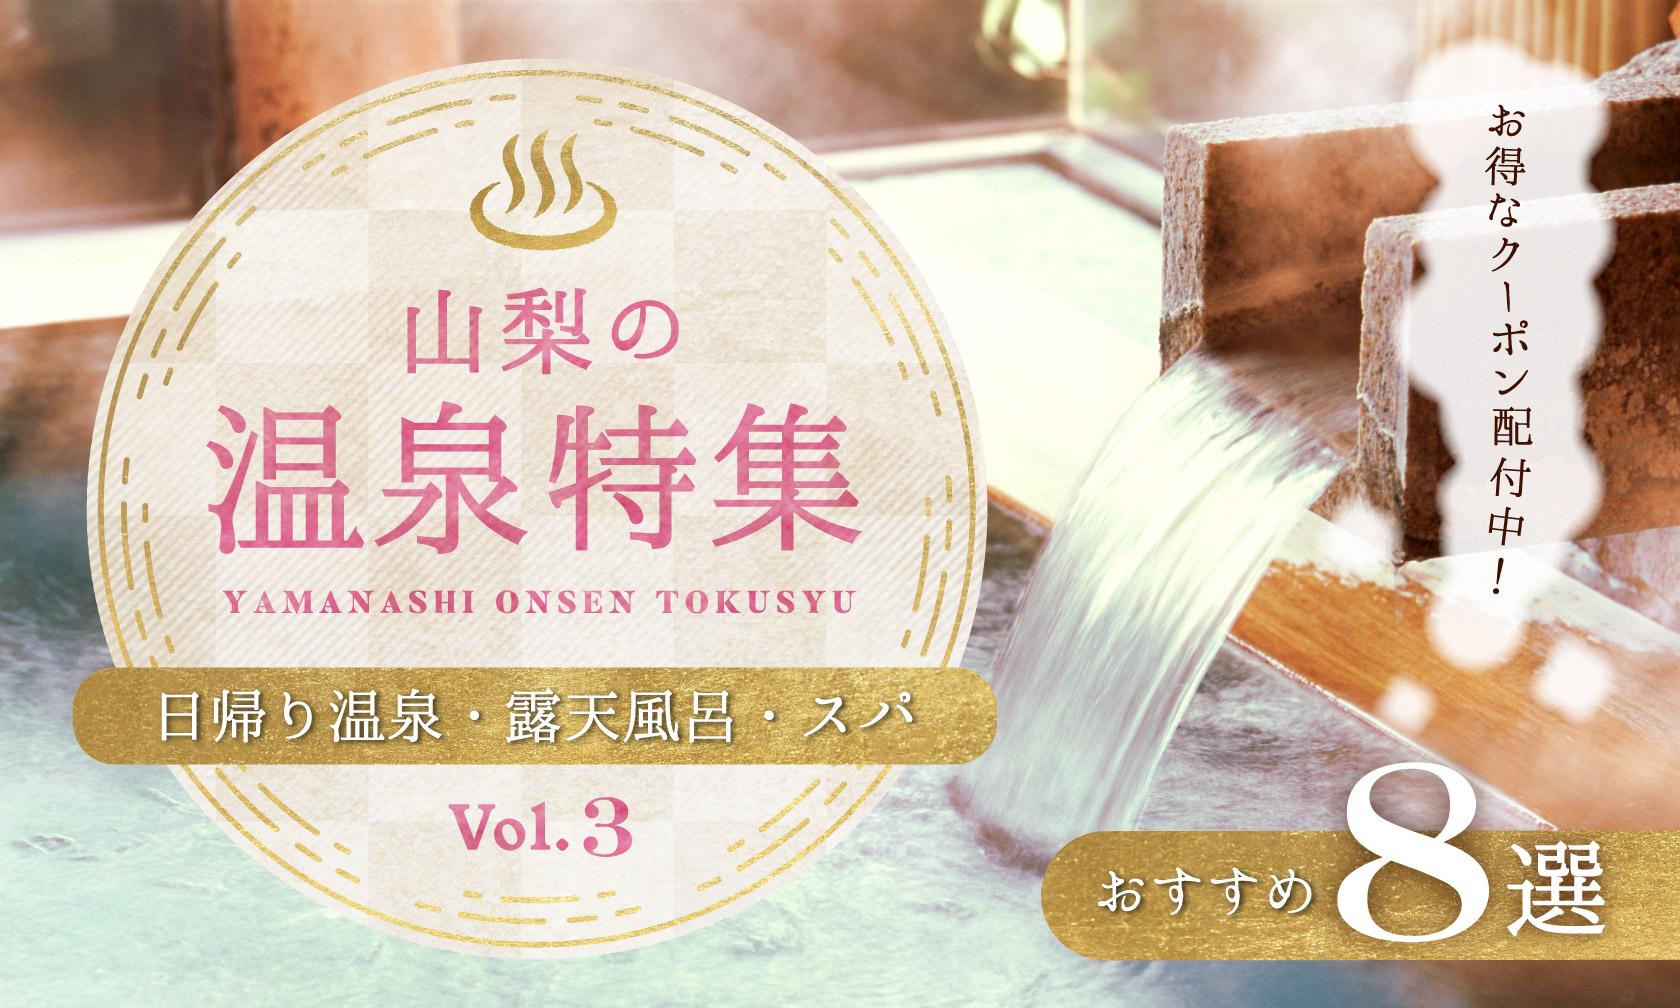 山梨の温泉特集vol.3〜露天風呂・日帰り温泉おすすめ8選〜